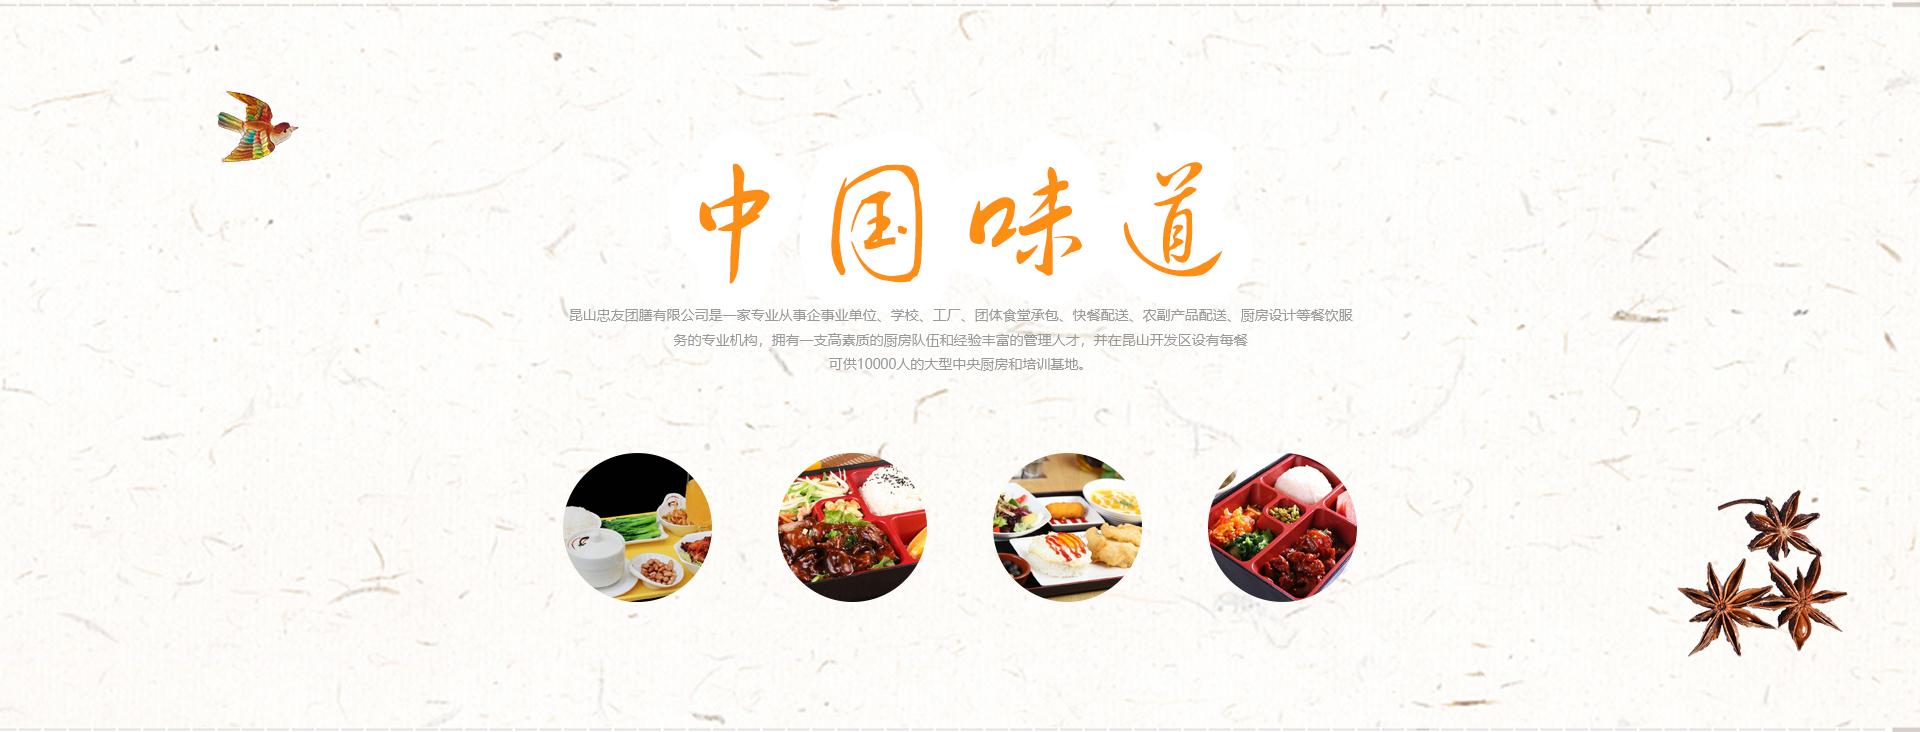 昆山餐饮公司